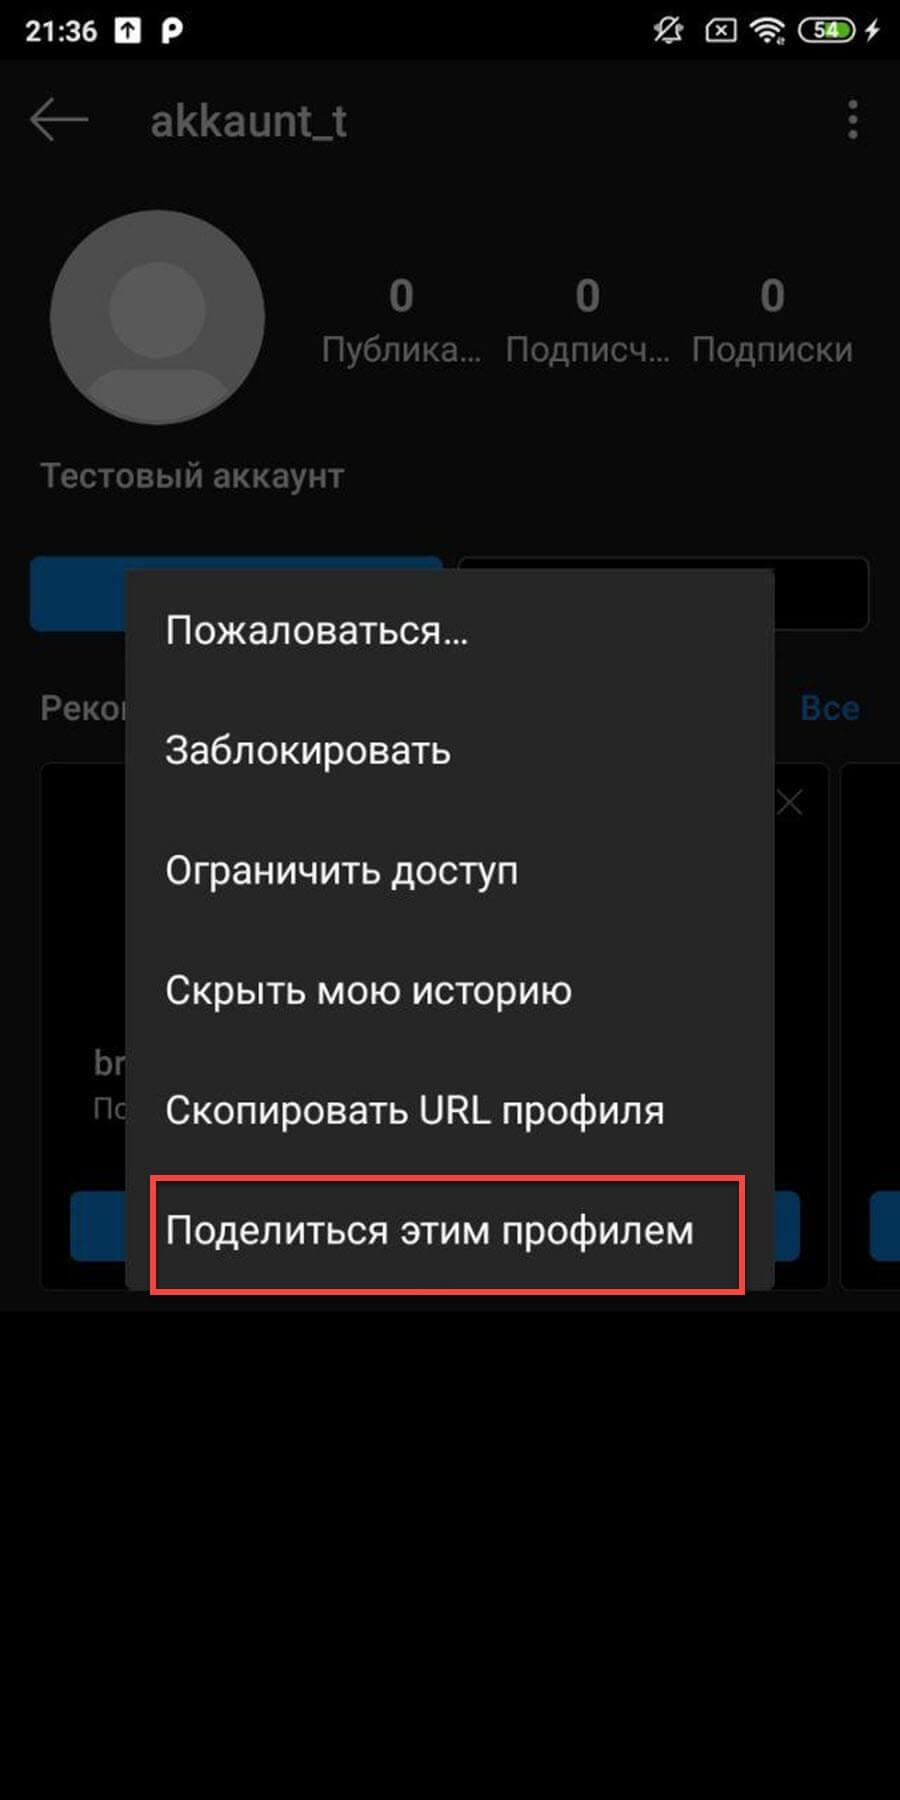 копирование профиля через Директ